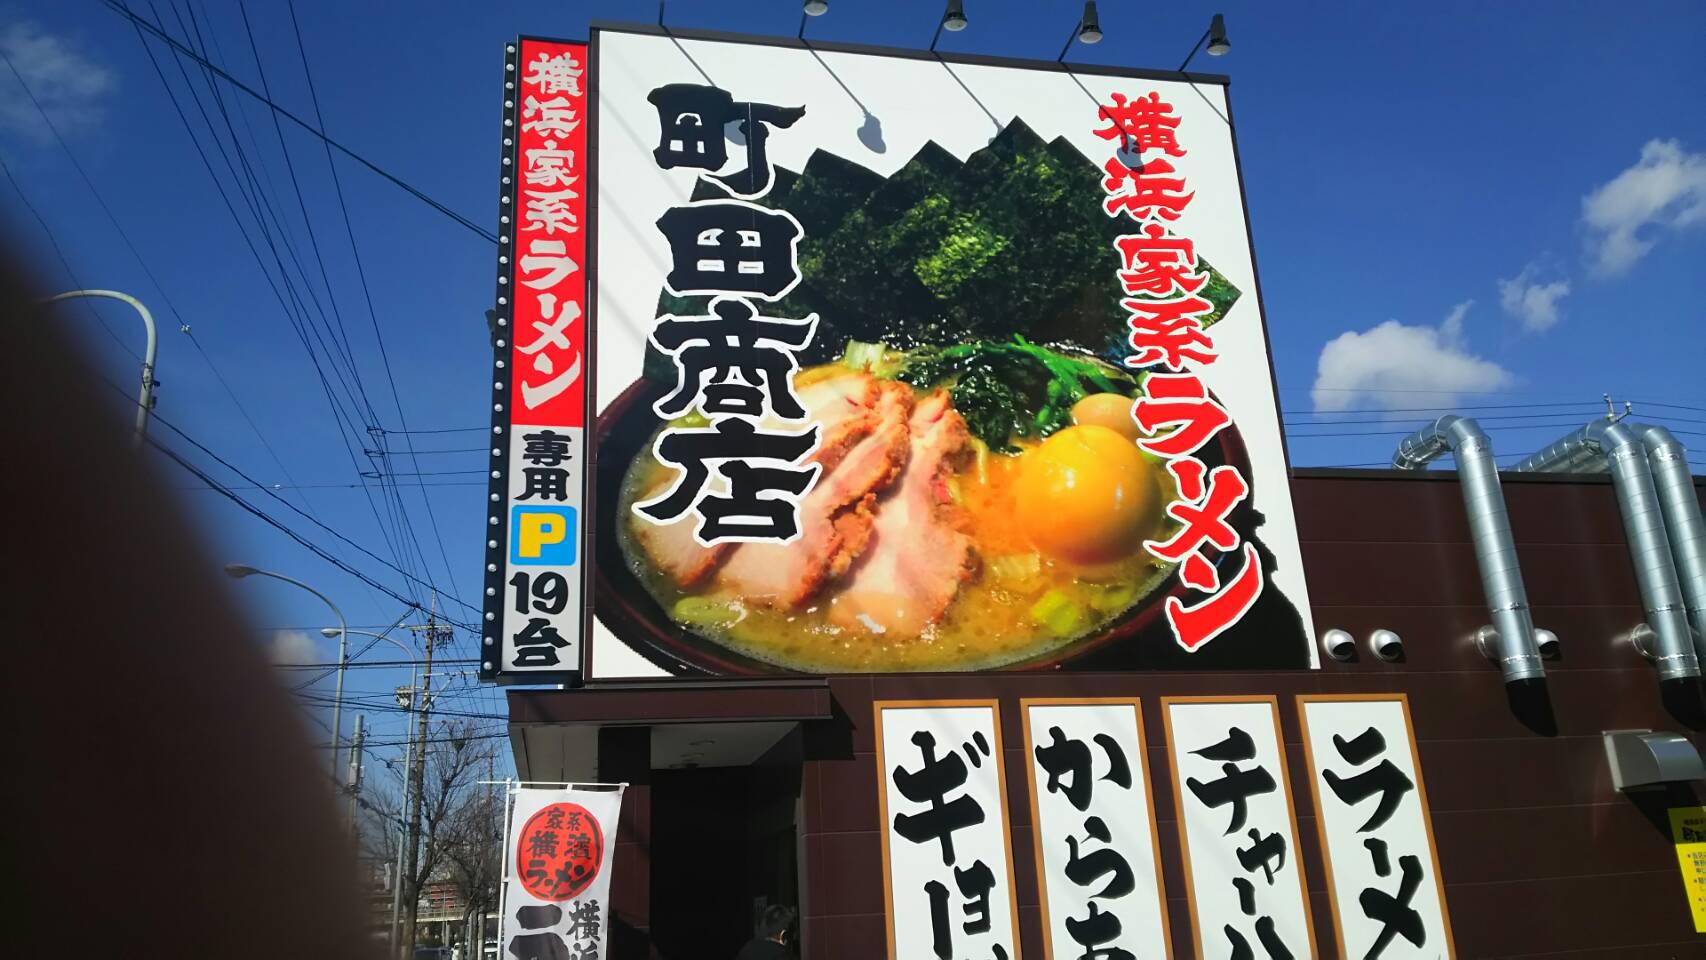 無料トッピングに大満足! 名古屋市中川区太平通 町田商店 太平通店に行ってきた!